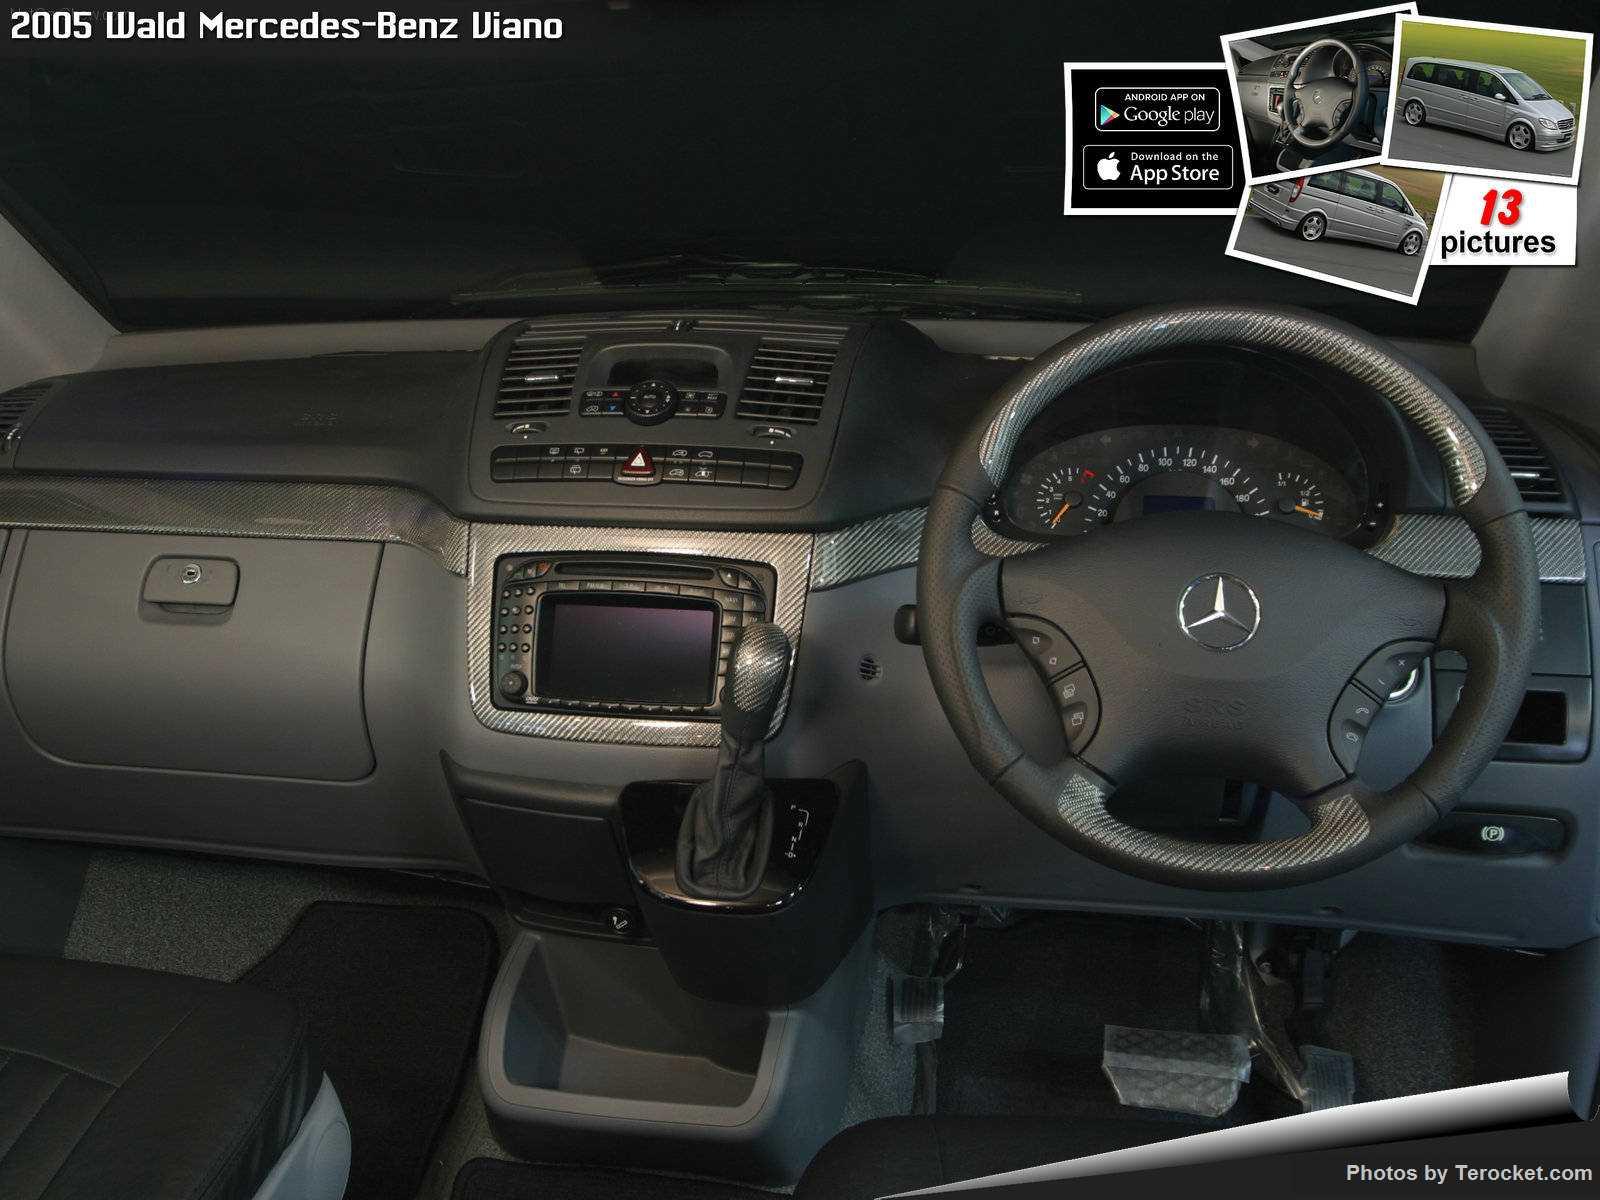 Hình ảnh xe độ Wald Mercedes-Benz Viano 2005 & nội ngoại thất